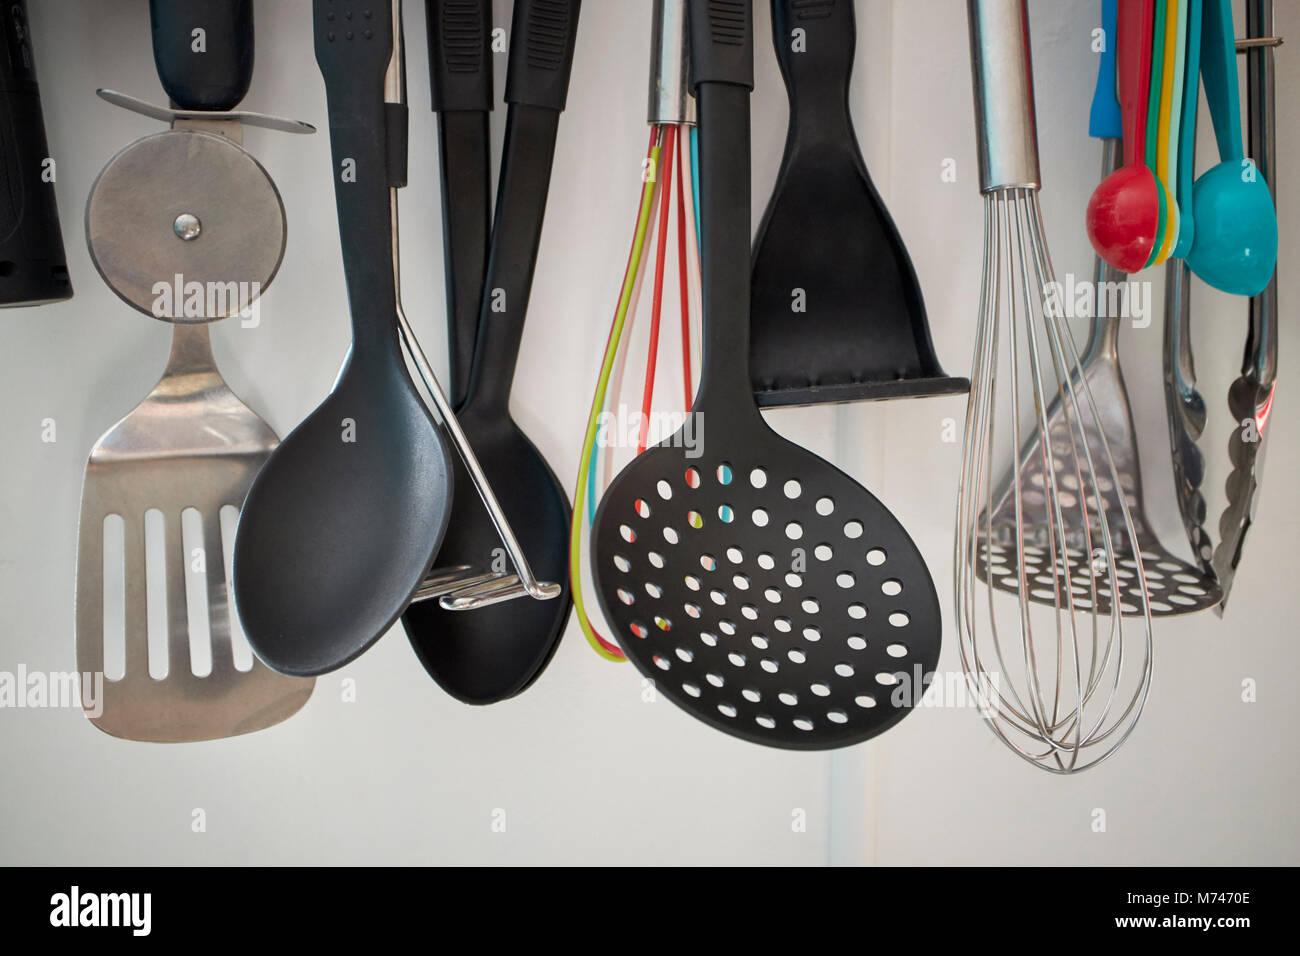 Kitchen Utensils Hanging Imágenes De Stock & Kitchen Utensils ...